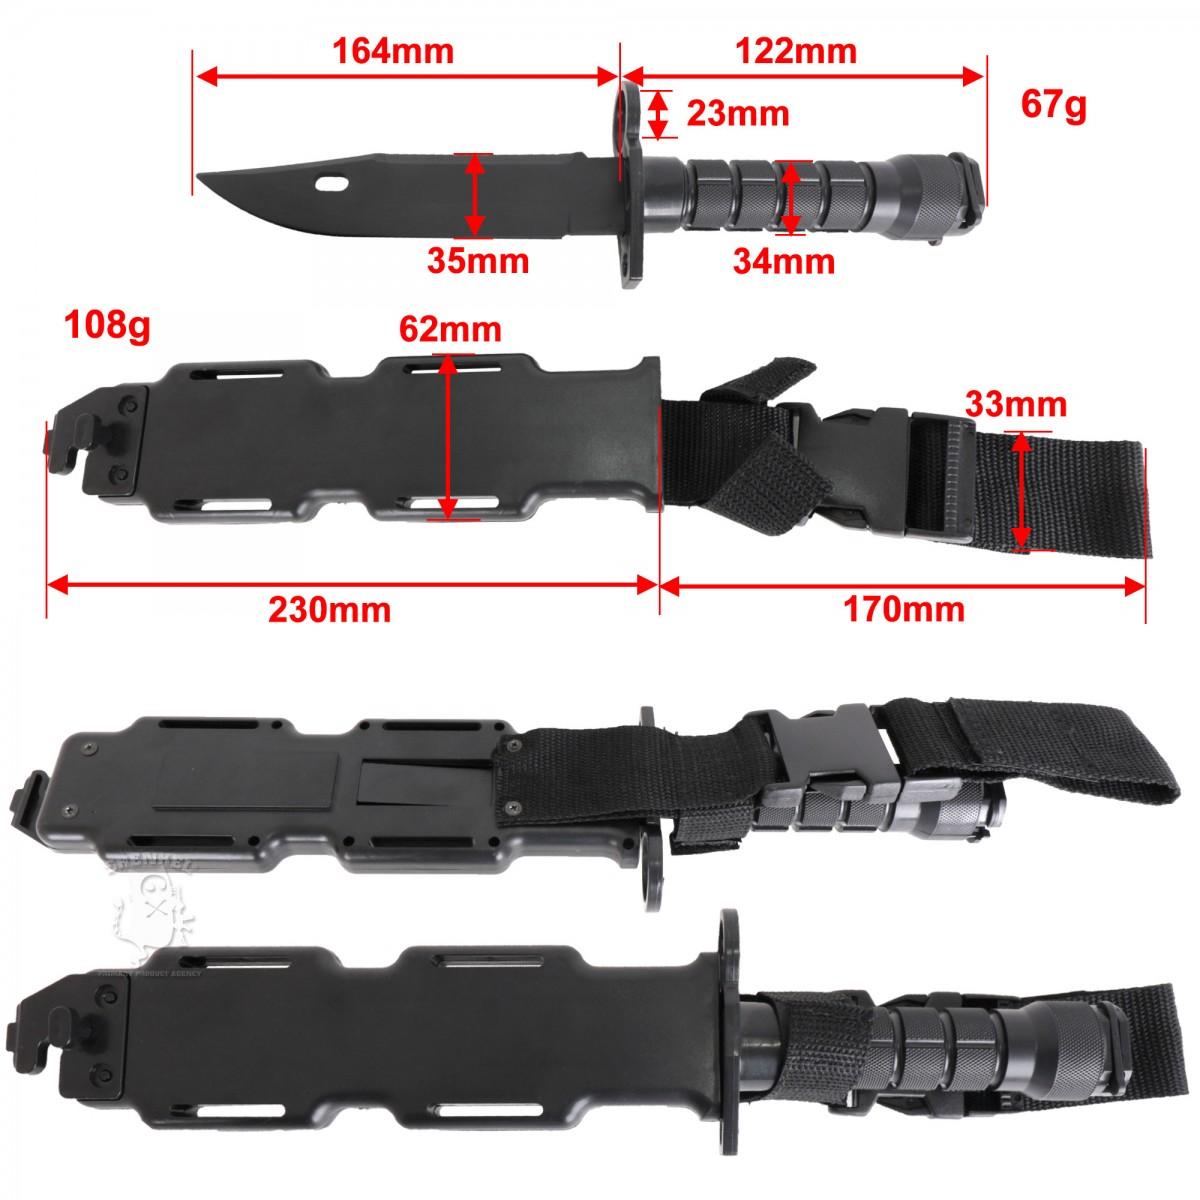 樹脂製 ナイフ Cタイプ M9 Bayonet 銃剣 M10 銃剣鞘 レプリカ セット サバイバル ダミーナイフ  ミリタリー ドレスアップパーツ ケース付き